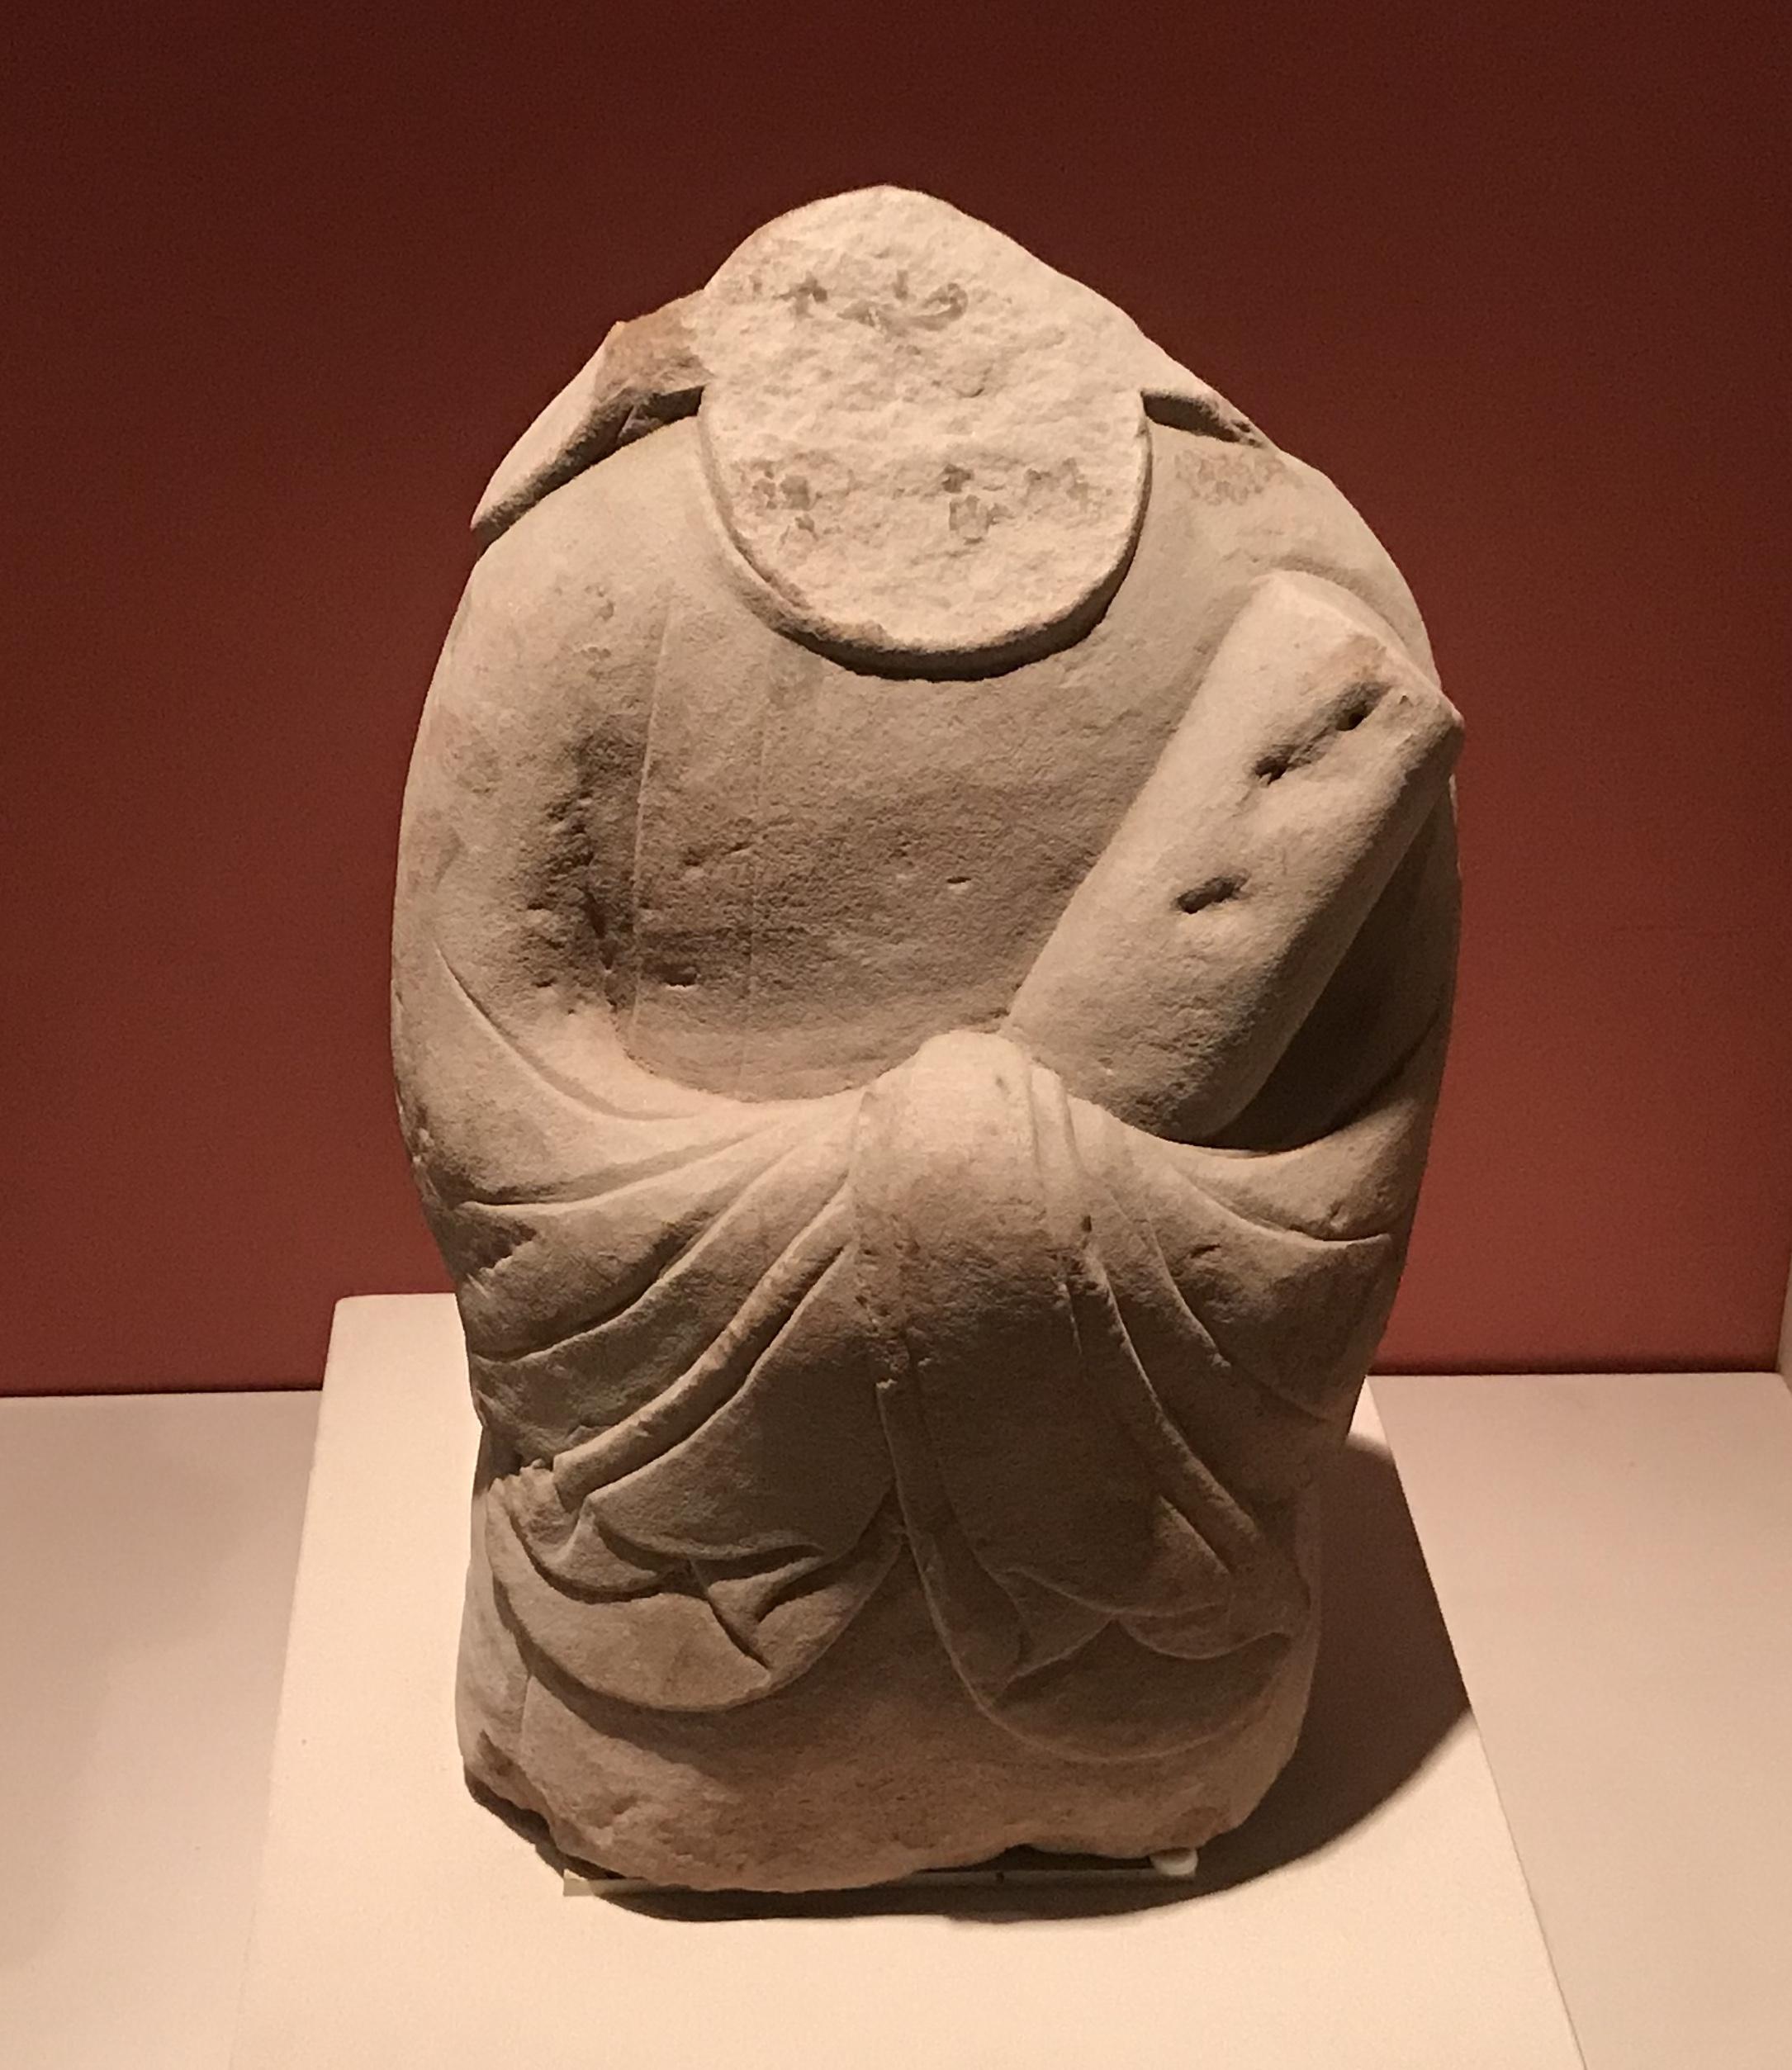 侍者残像-北宋-天下の大足-大足石刻の発見と継承-金沙遺跡博物館-成都